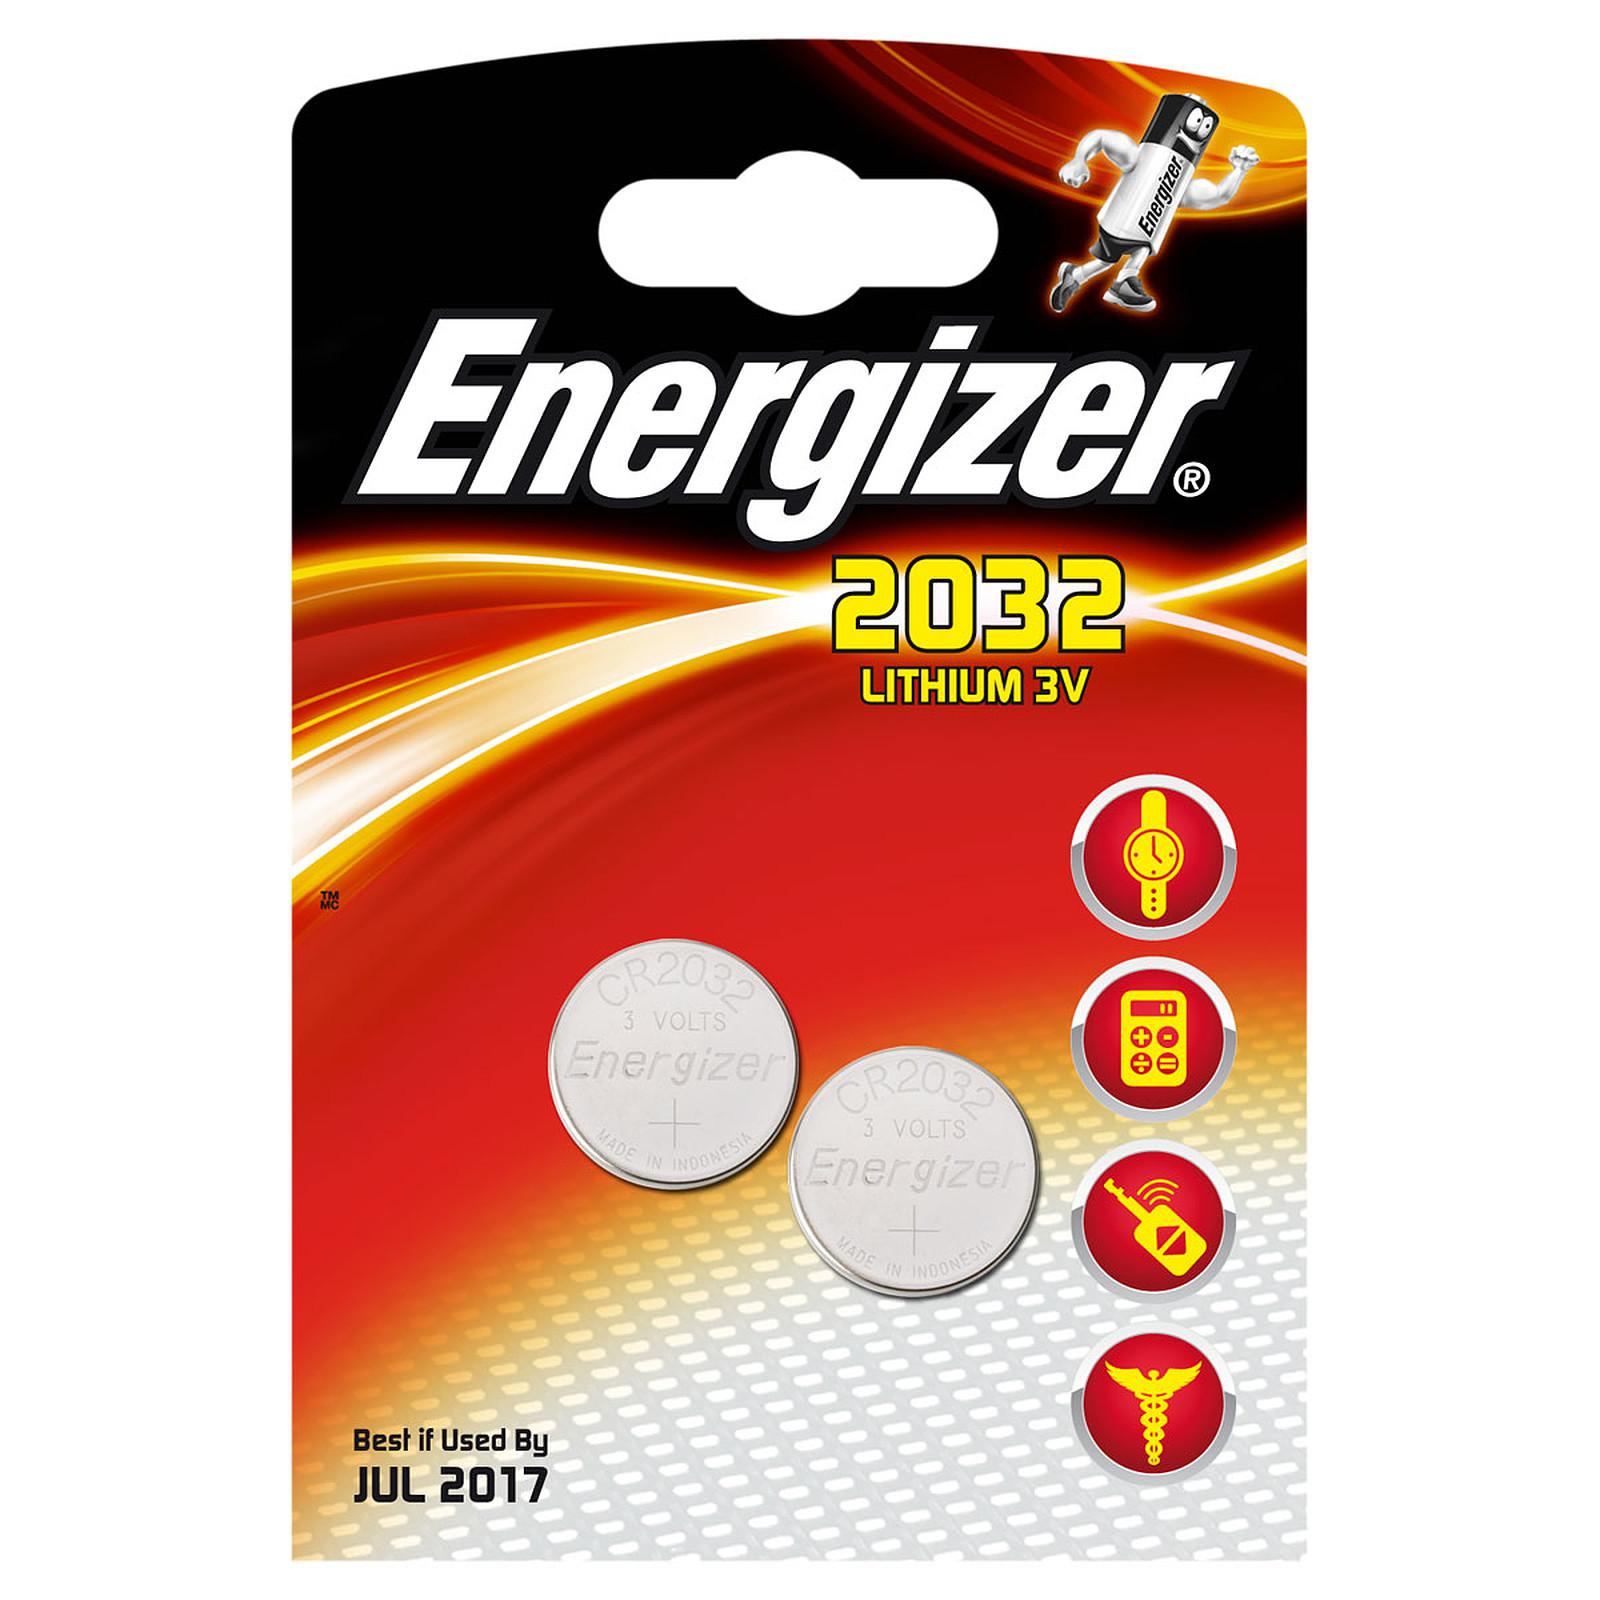 Energizer 2032 Lithium 3V (par 2)